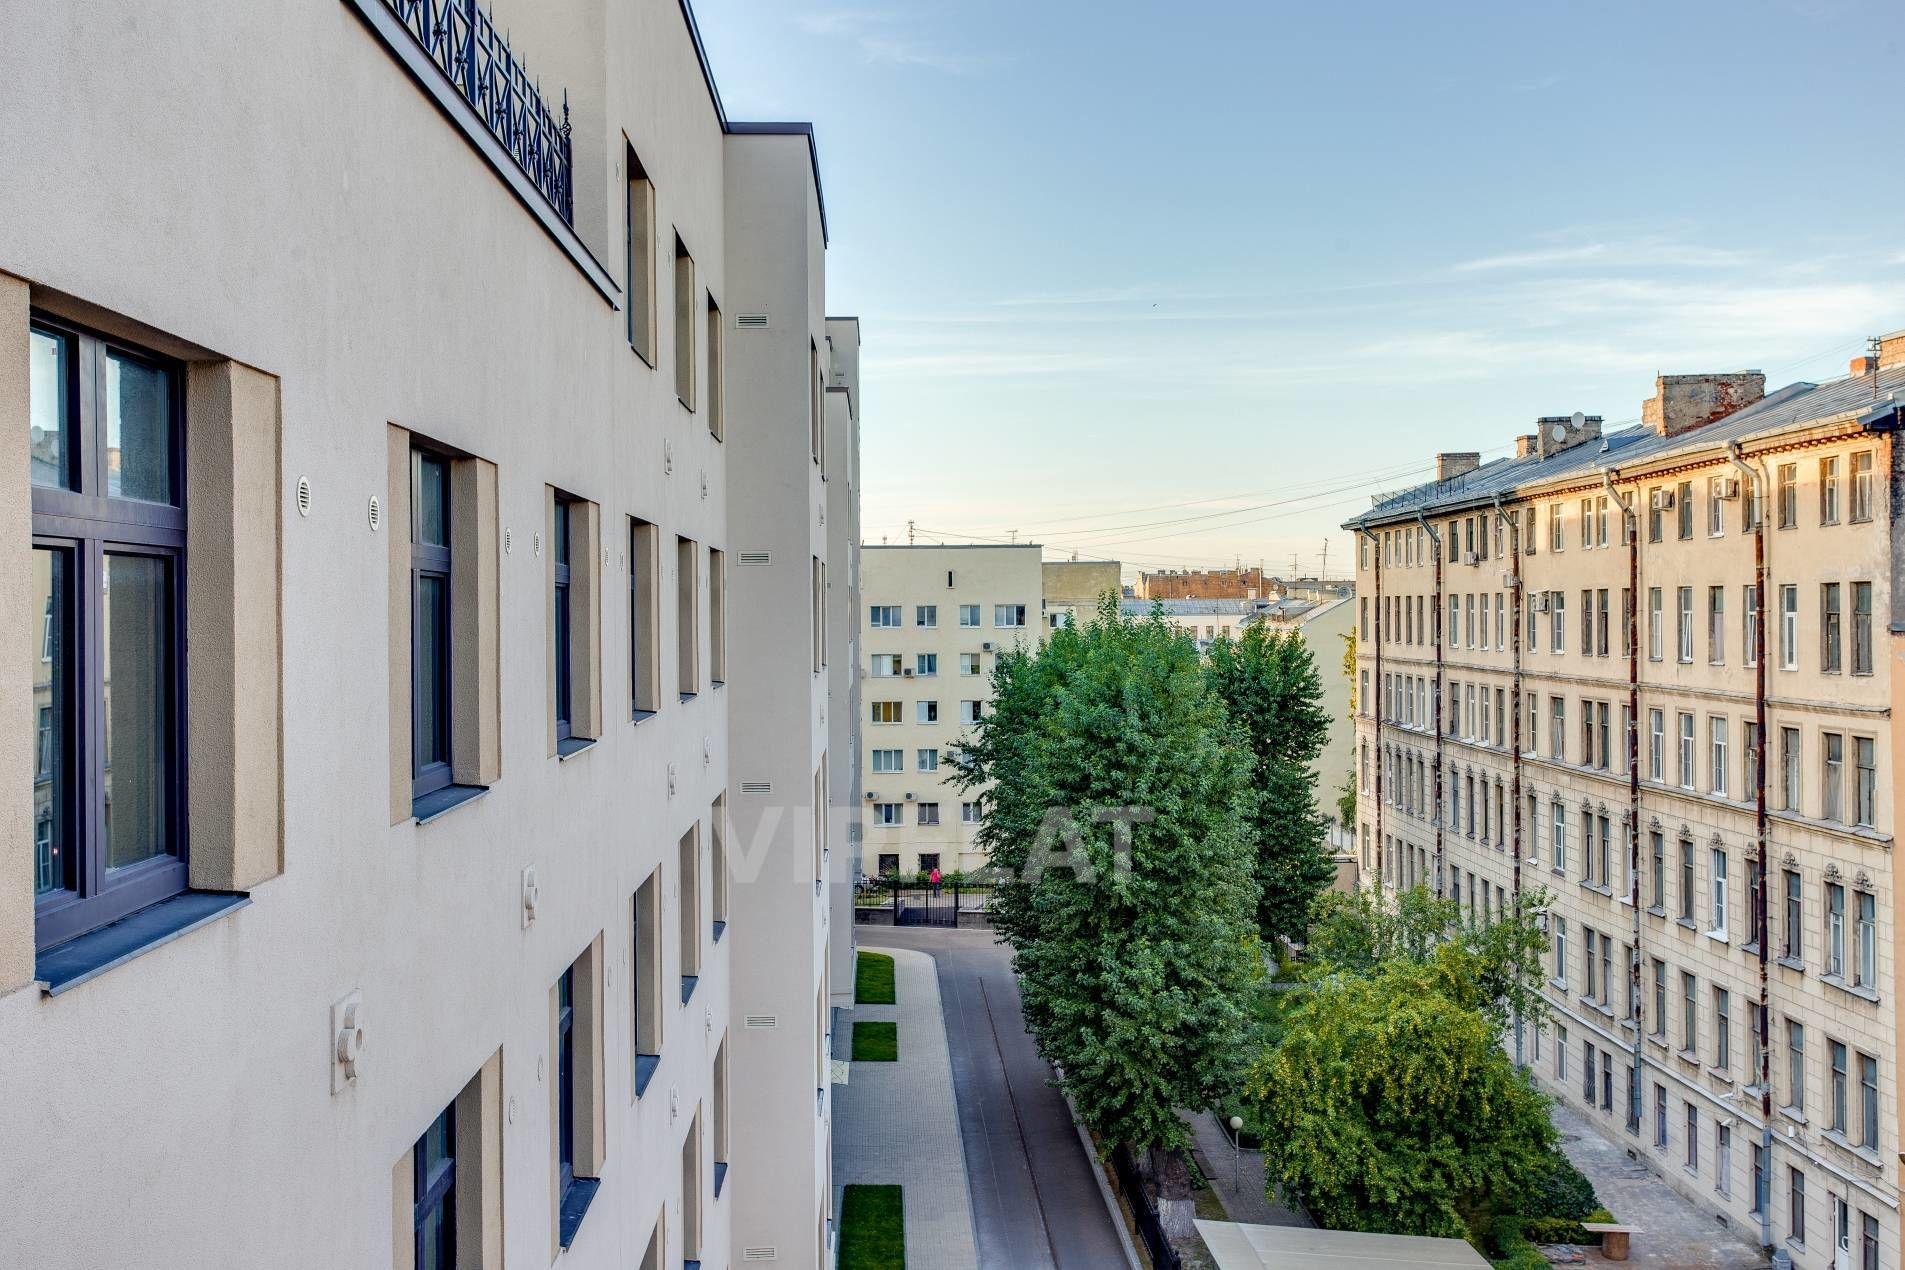 Продажа элитных квартир Санкт-Петербурга. Басков пер., 2 Вид из окон спальни